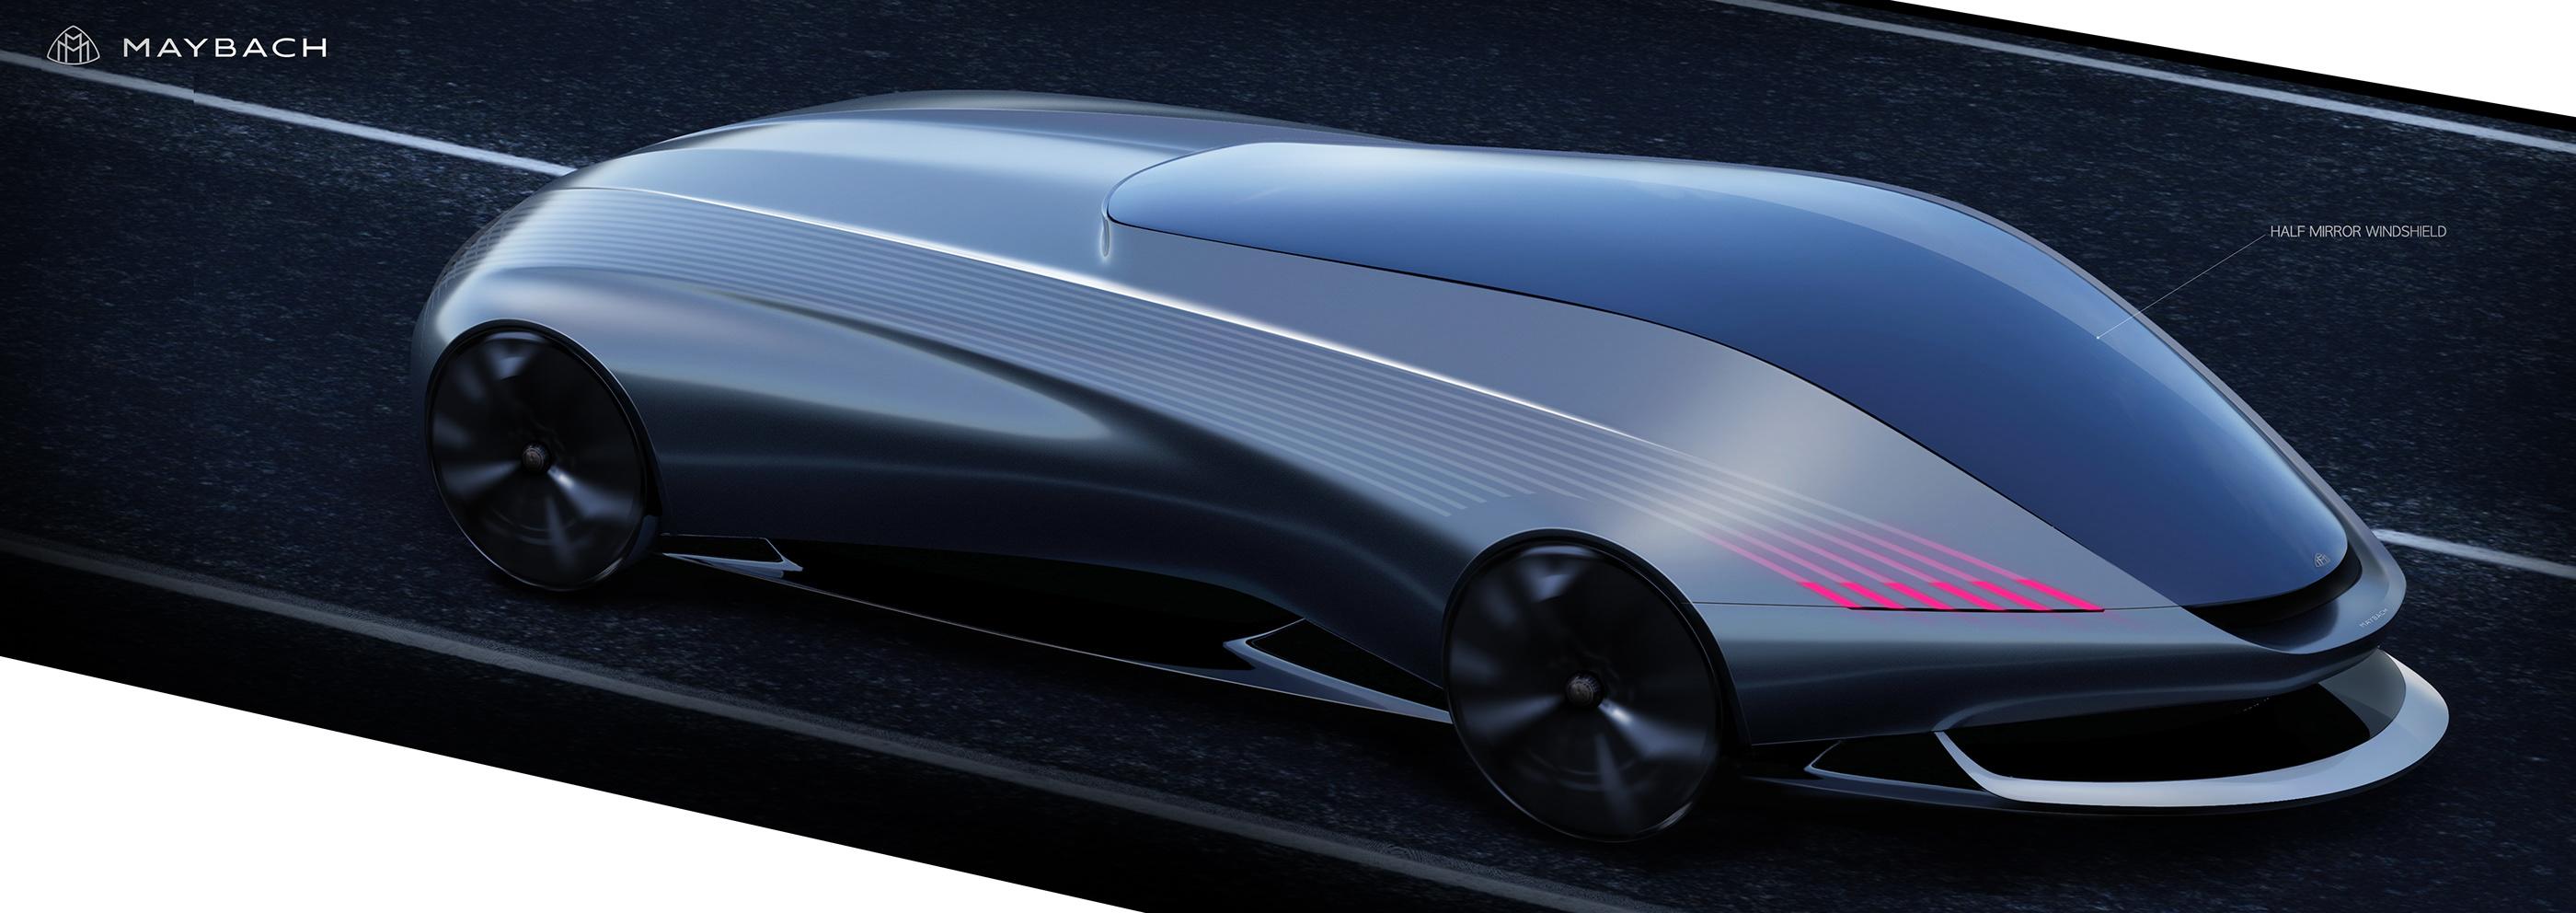 国际资讯_迈巴赫Opera概念车设计 - 视觉同盟(VisionUnion.com)